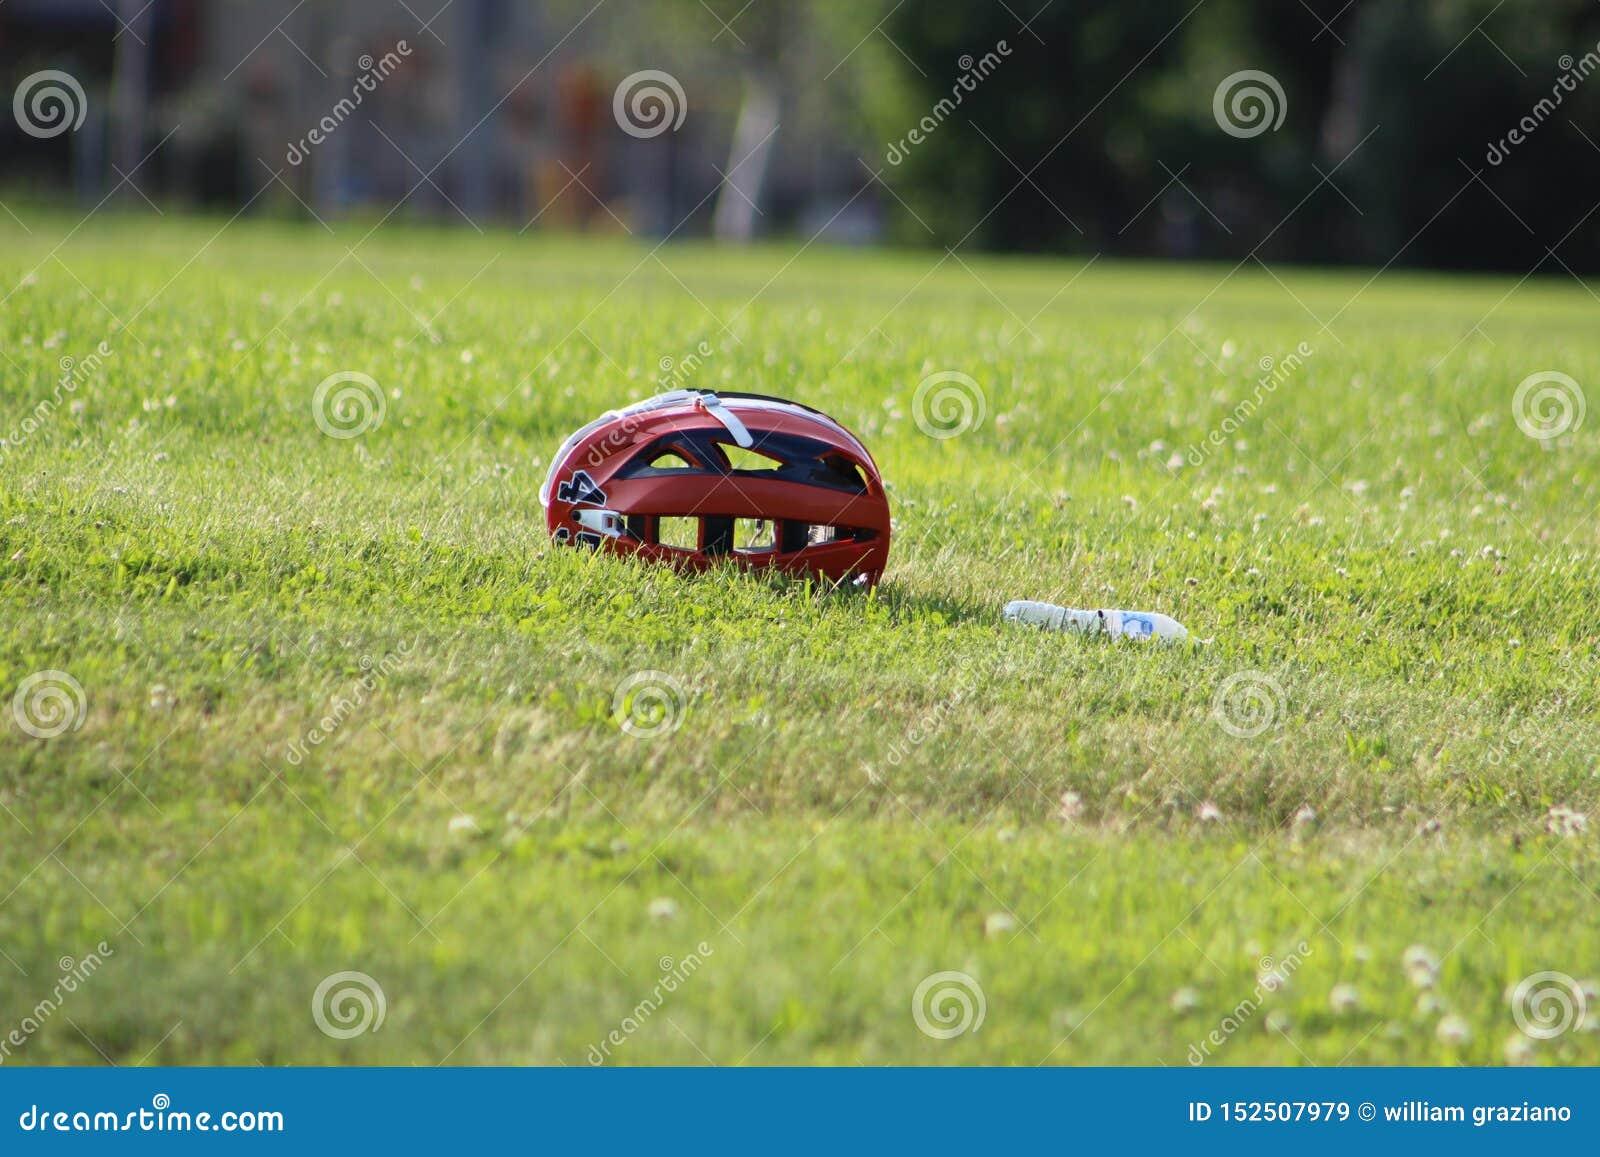 Capacete da lacrosse em um campo de grama, com garrafa de água